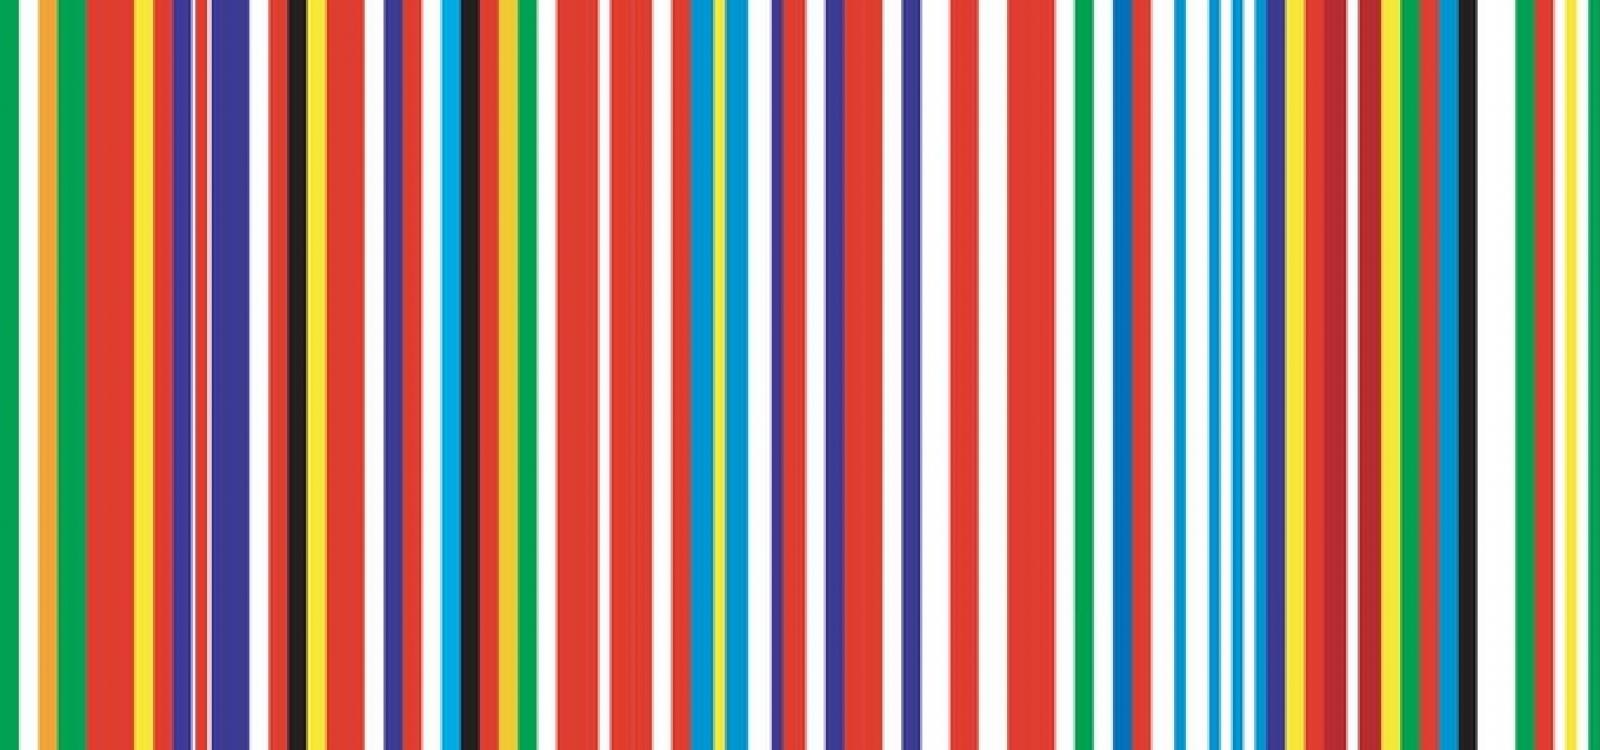 nouveau drapeau